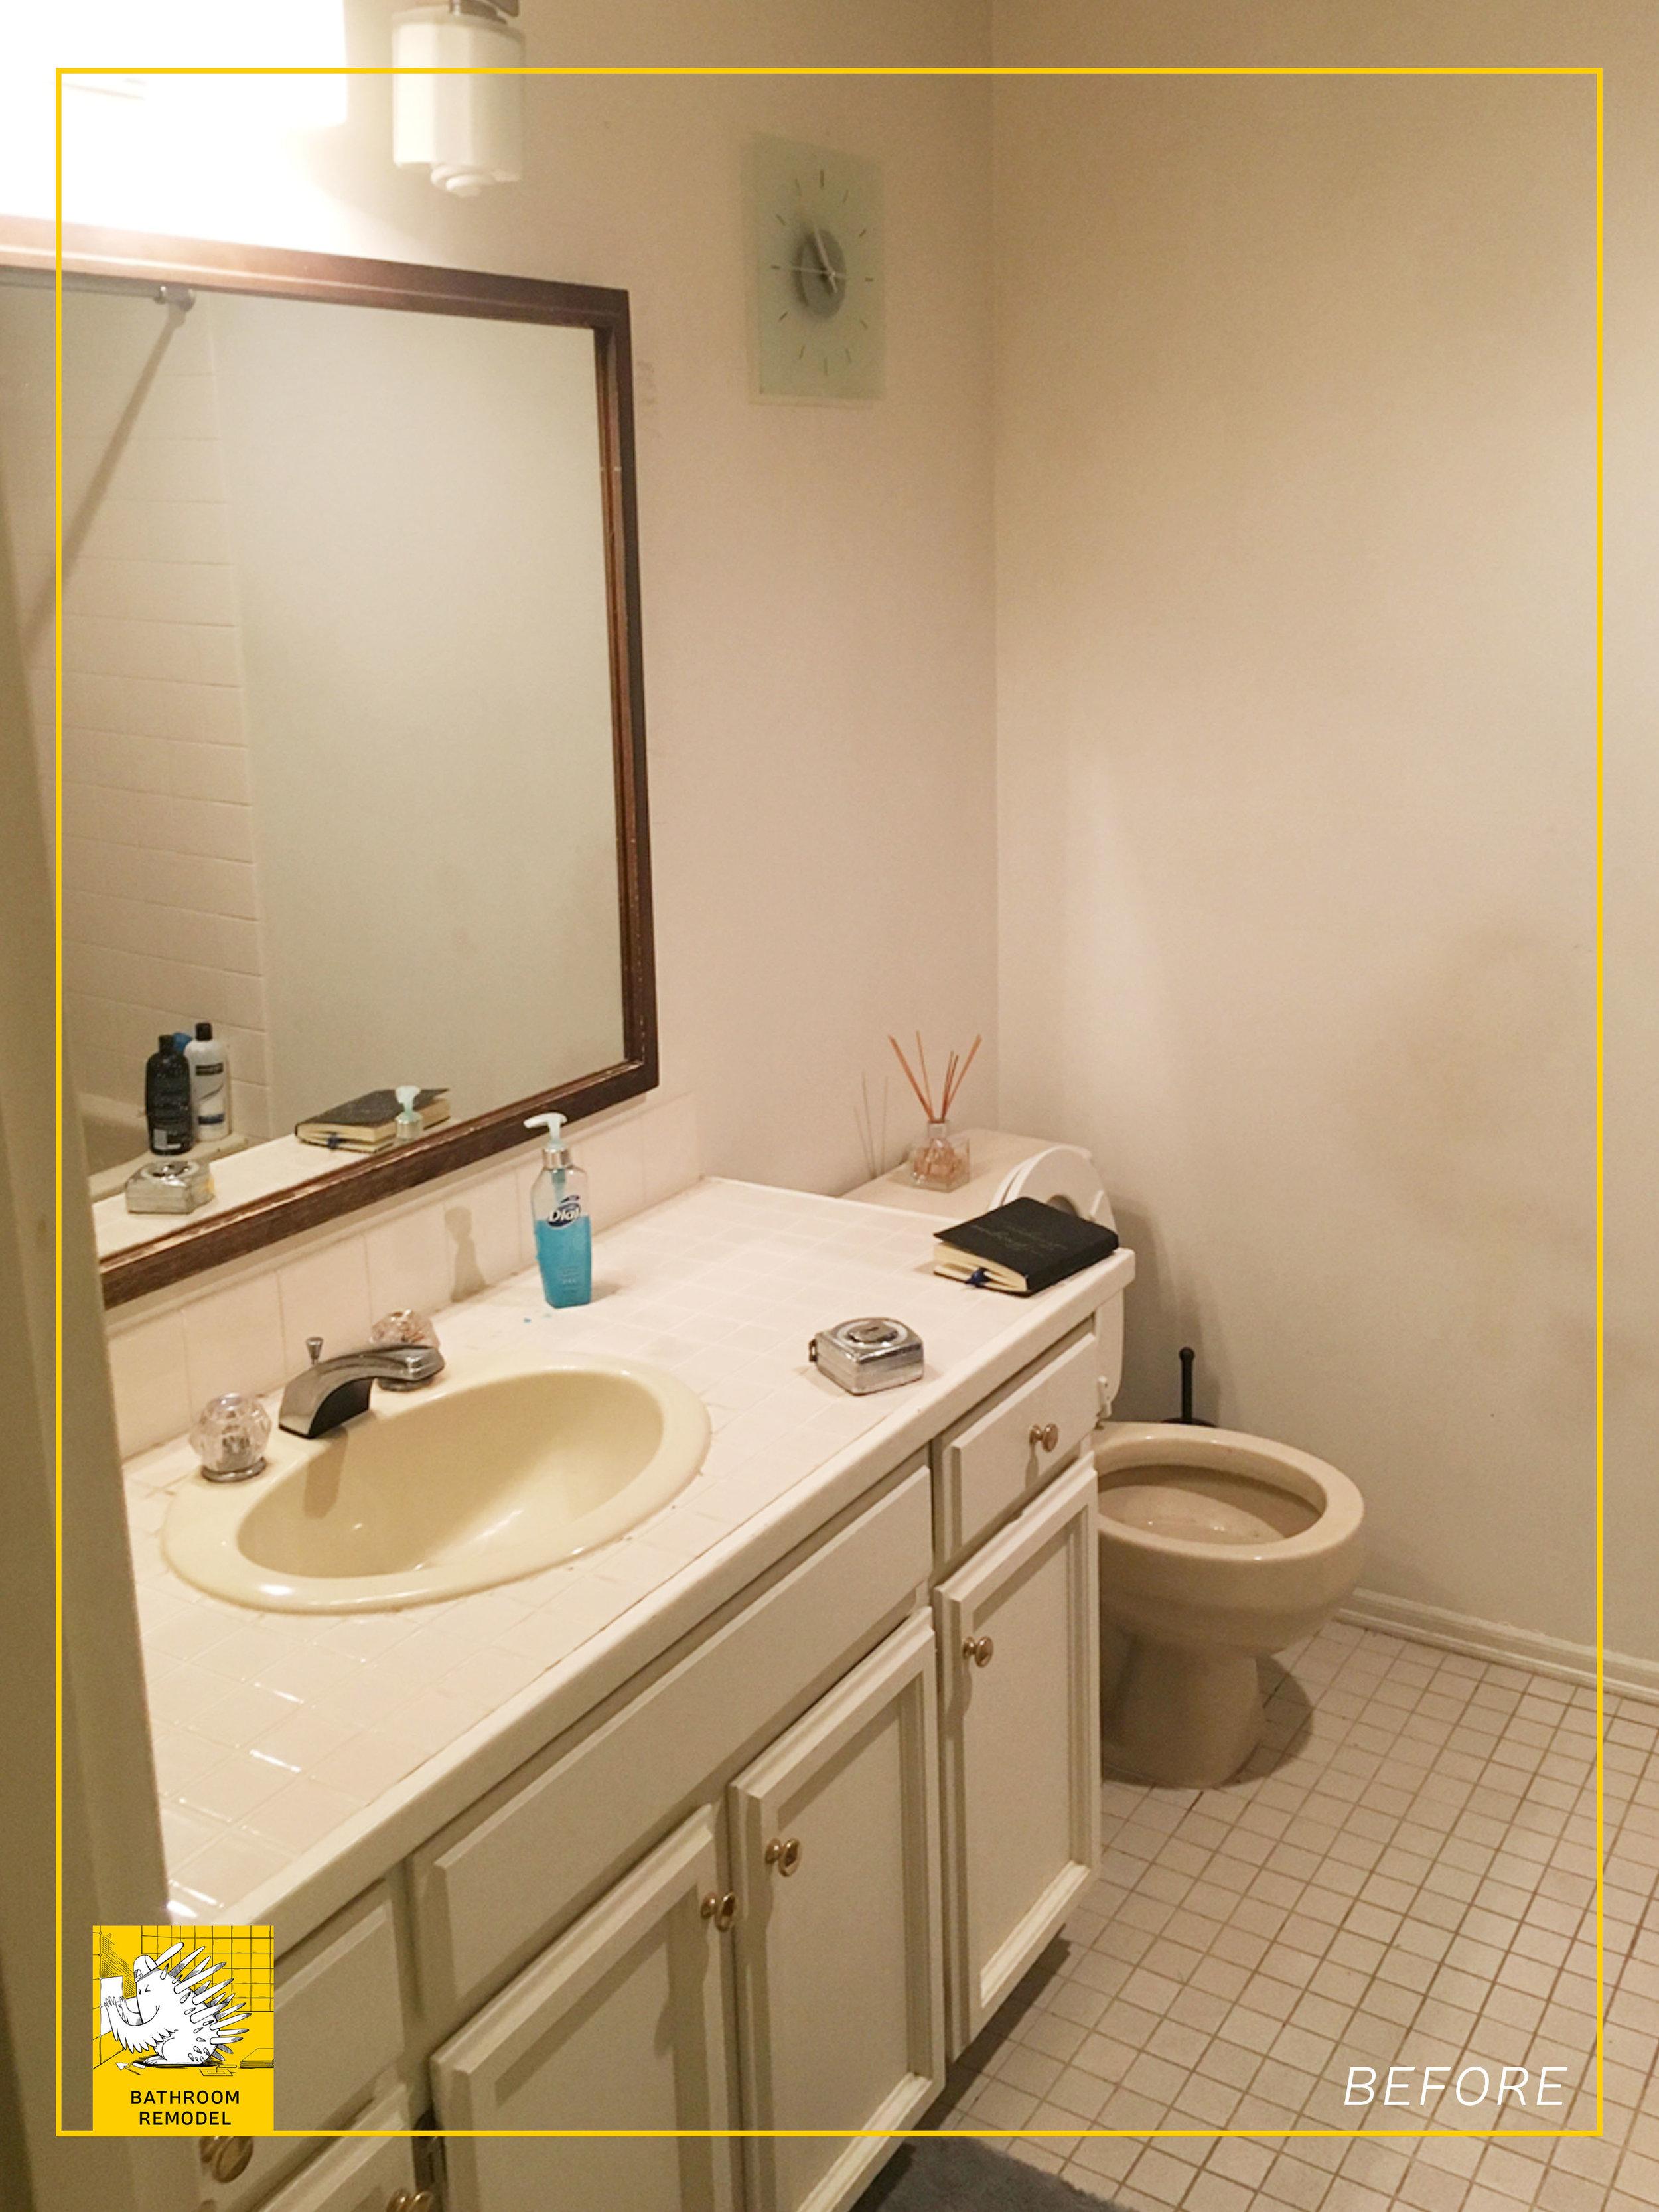 MT bathroom 1 before 3.jpg